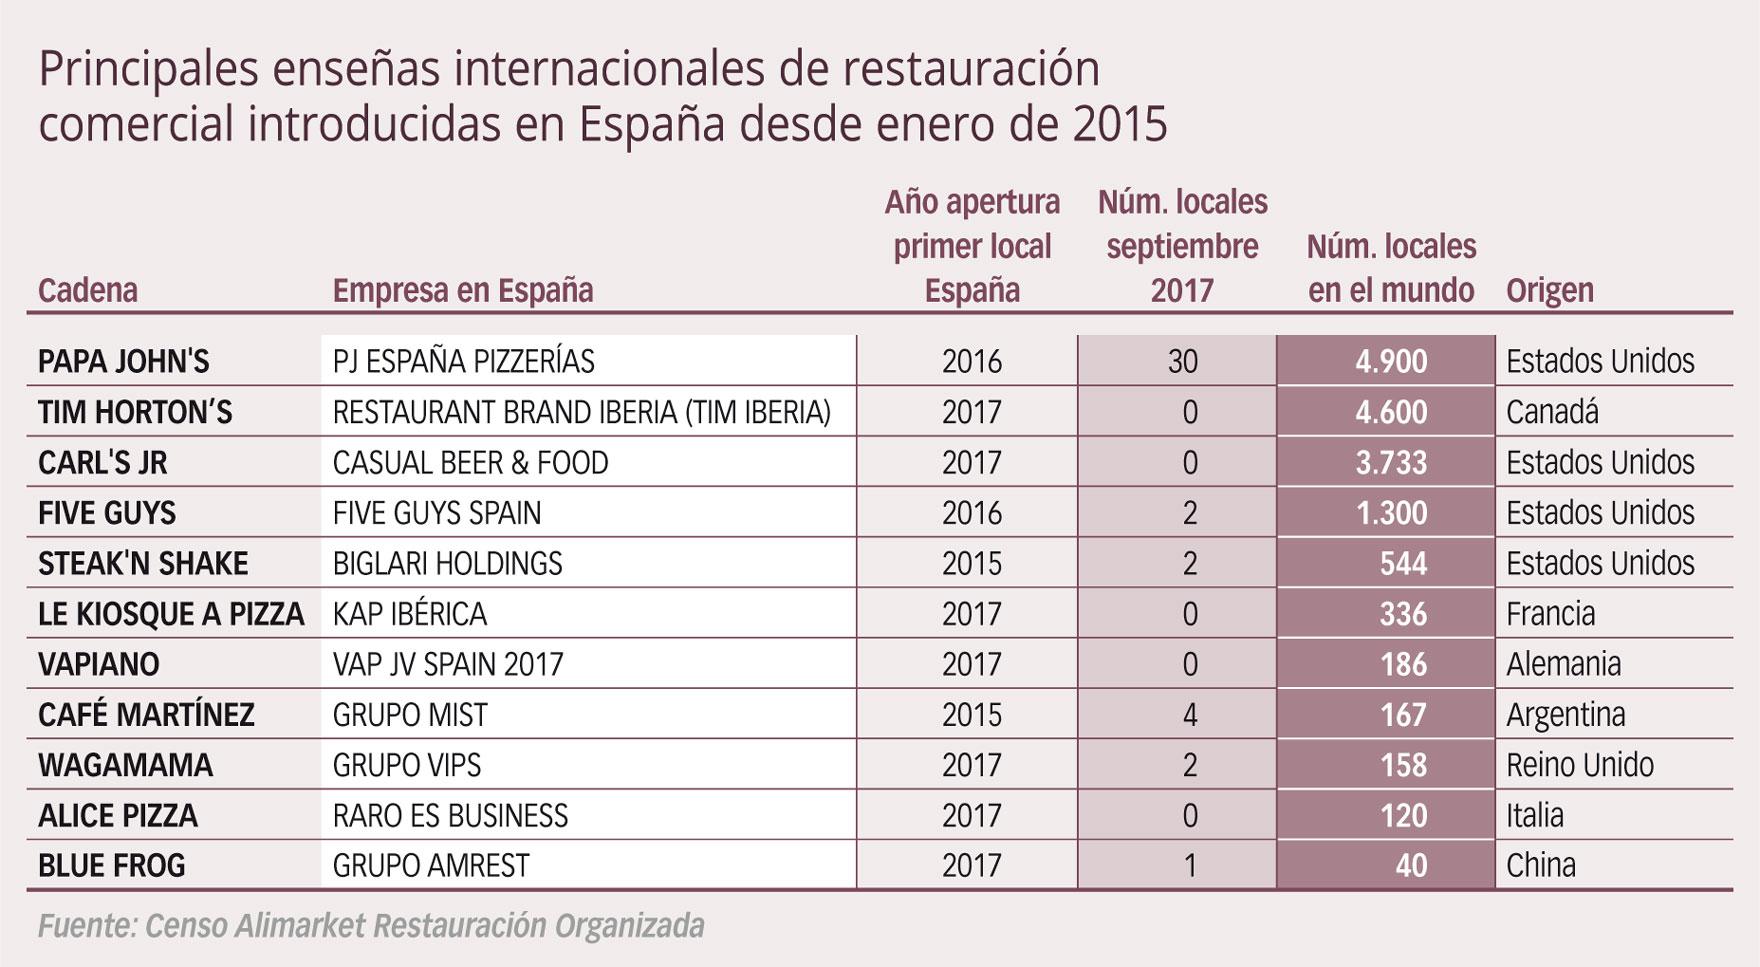 Principales enseñas internacionales de restauración comercial introducidas en España desde enero de 2015